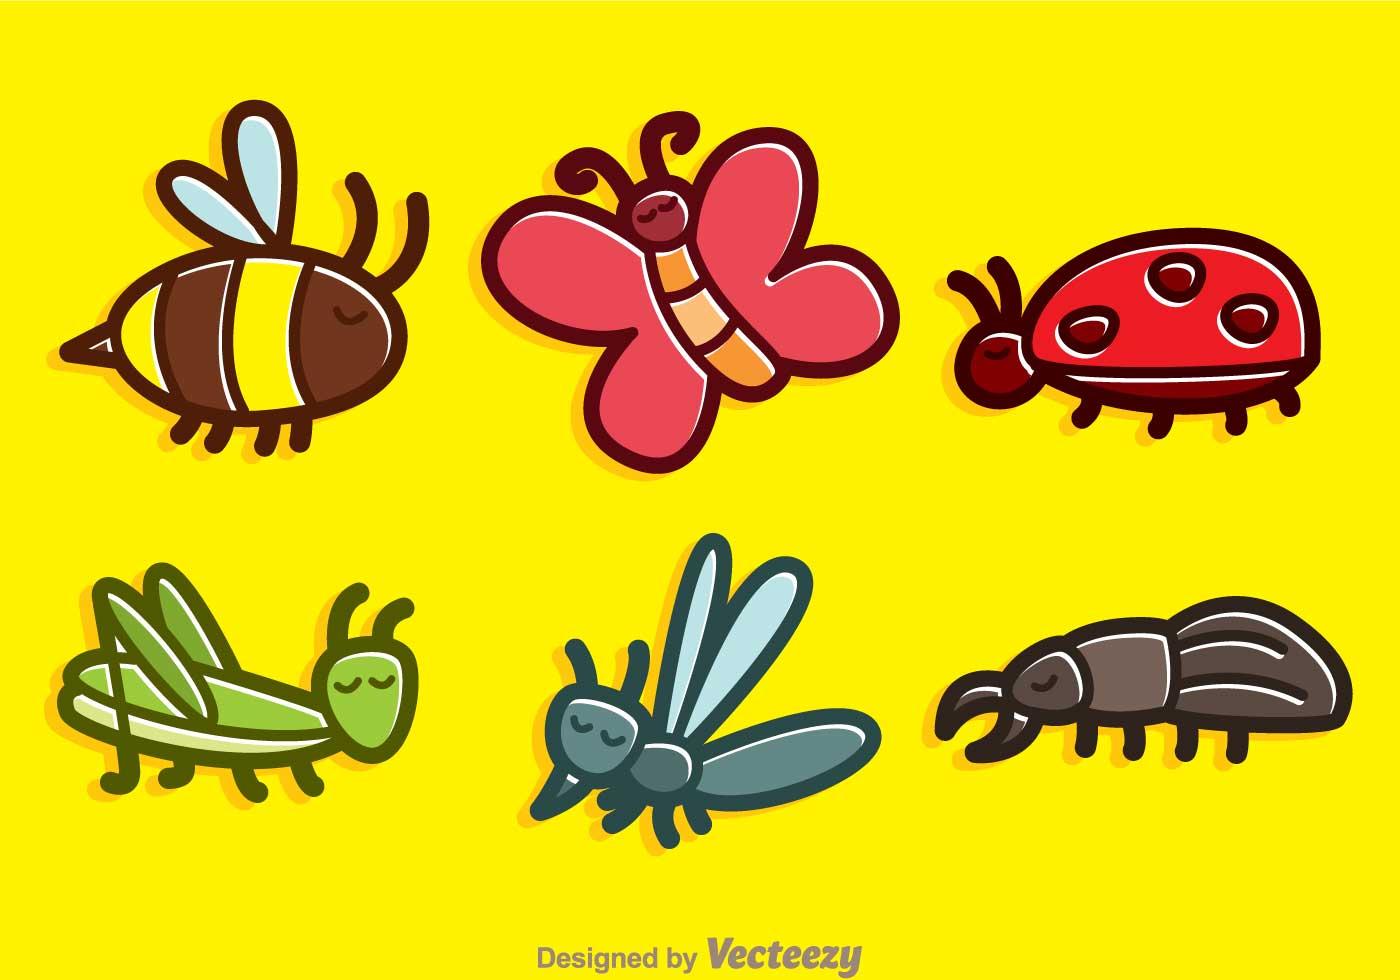 Cute Bees Wallpaper Cute Insect Cartoon Vectors Download Free Vector Art